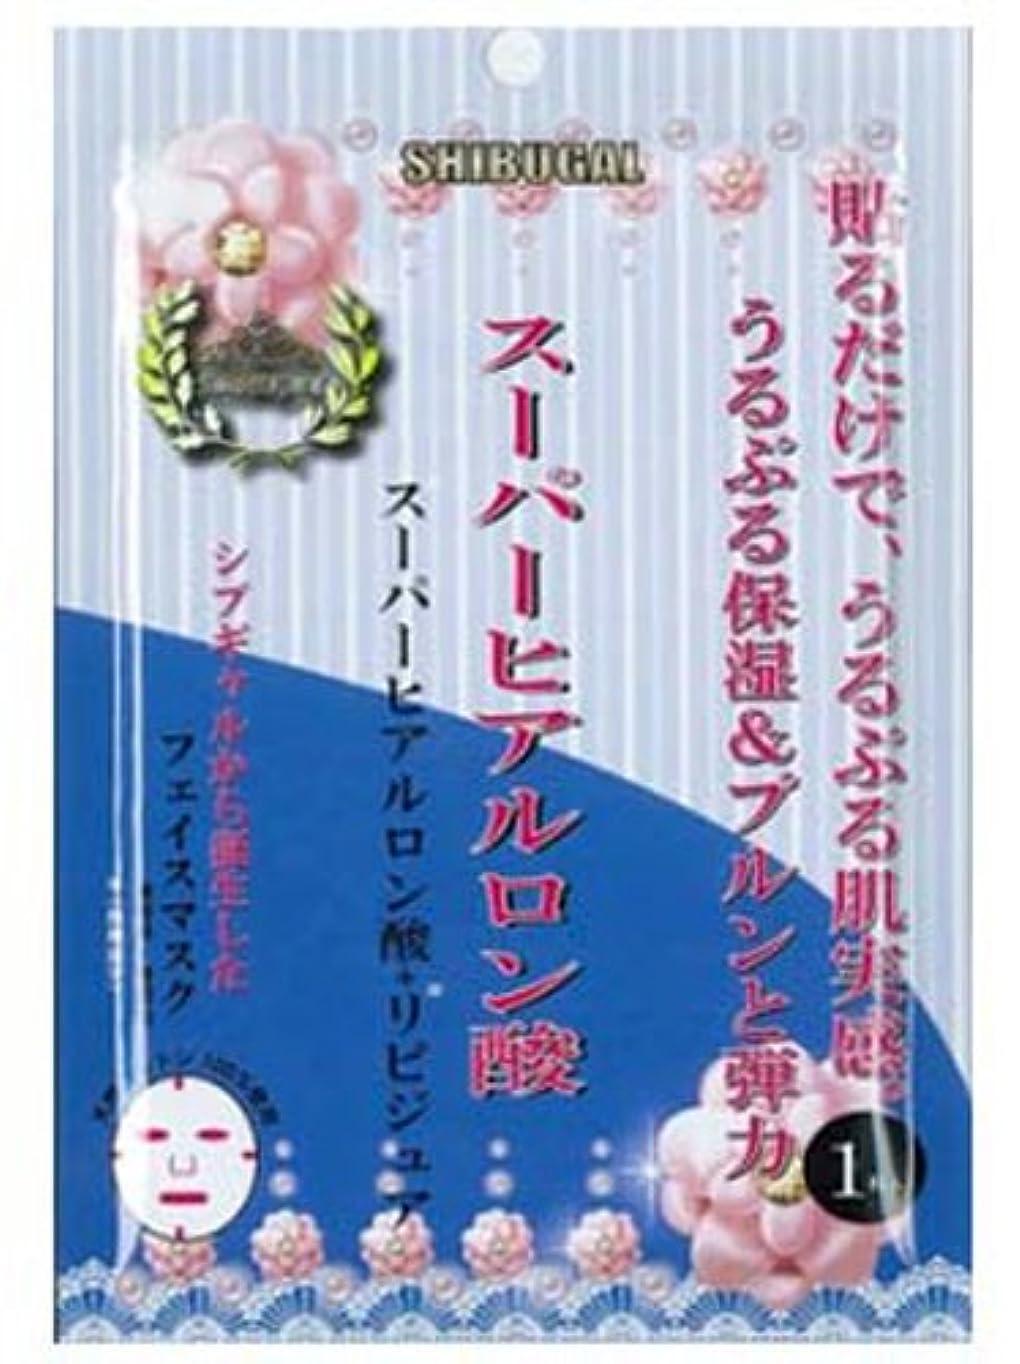 飢技術的な伸ばすシブギャル フェイスマスク「スーパーヒアルロン酸」